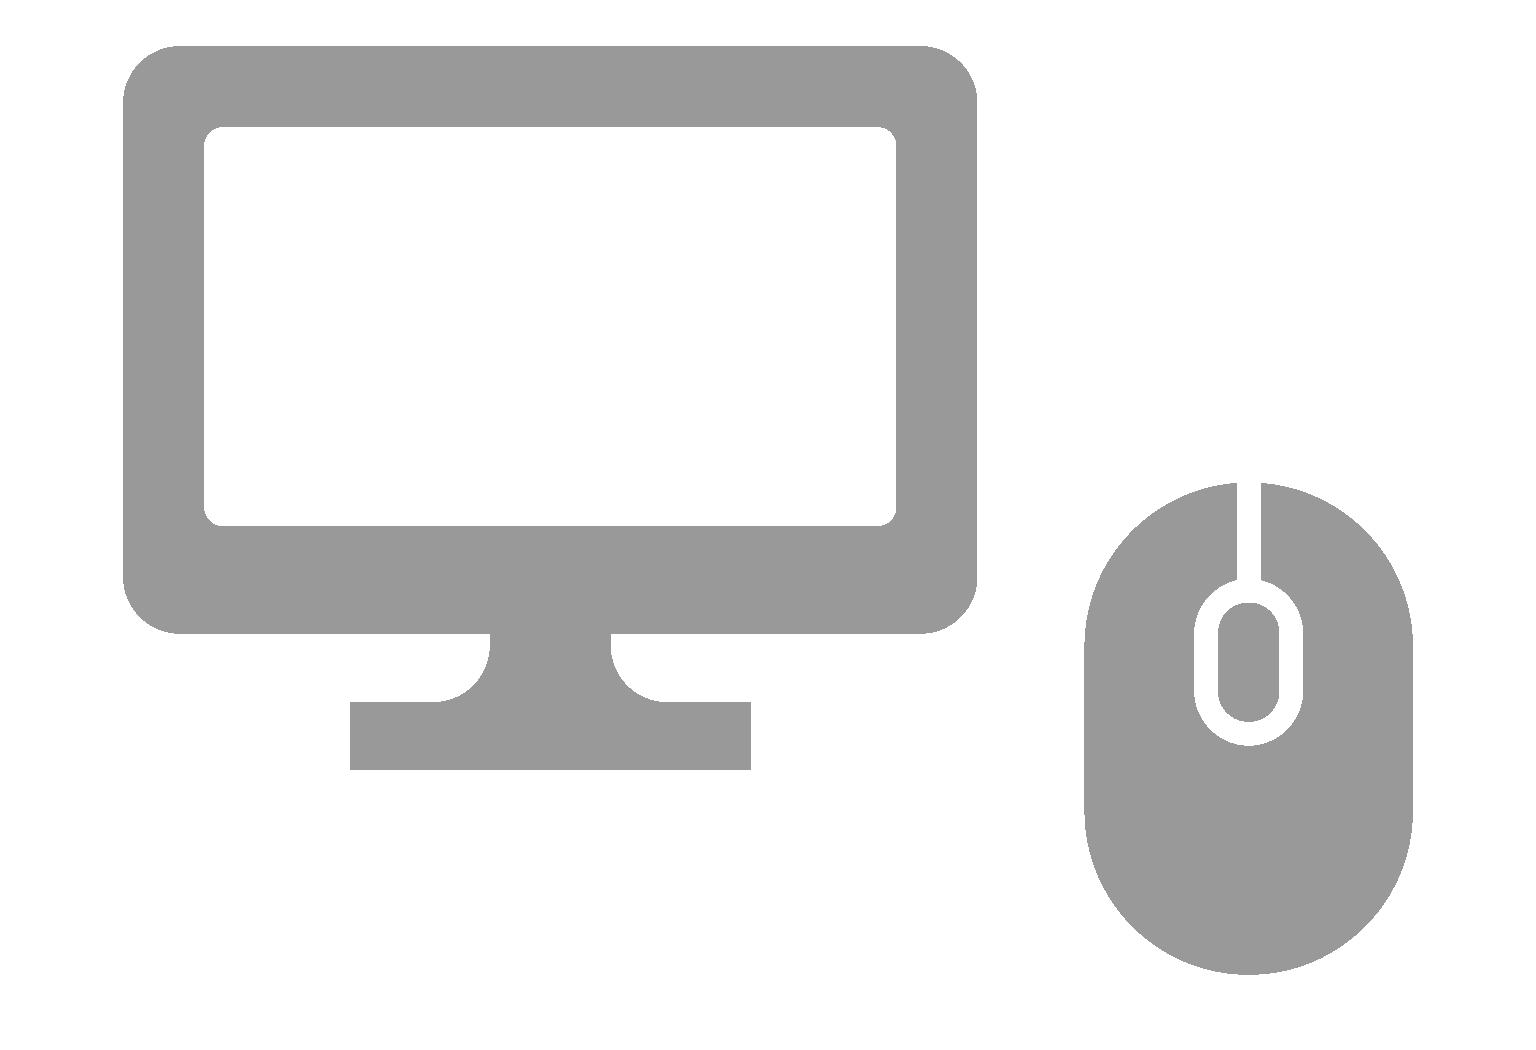 グラフィック・ウェブデザイン